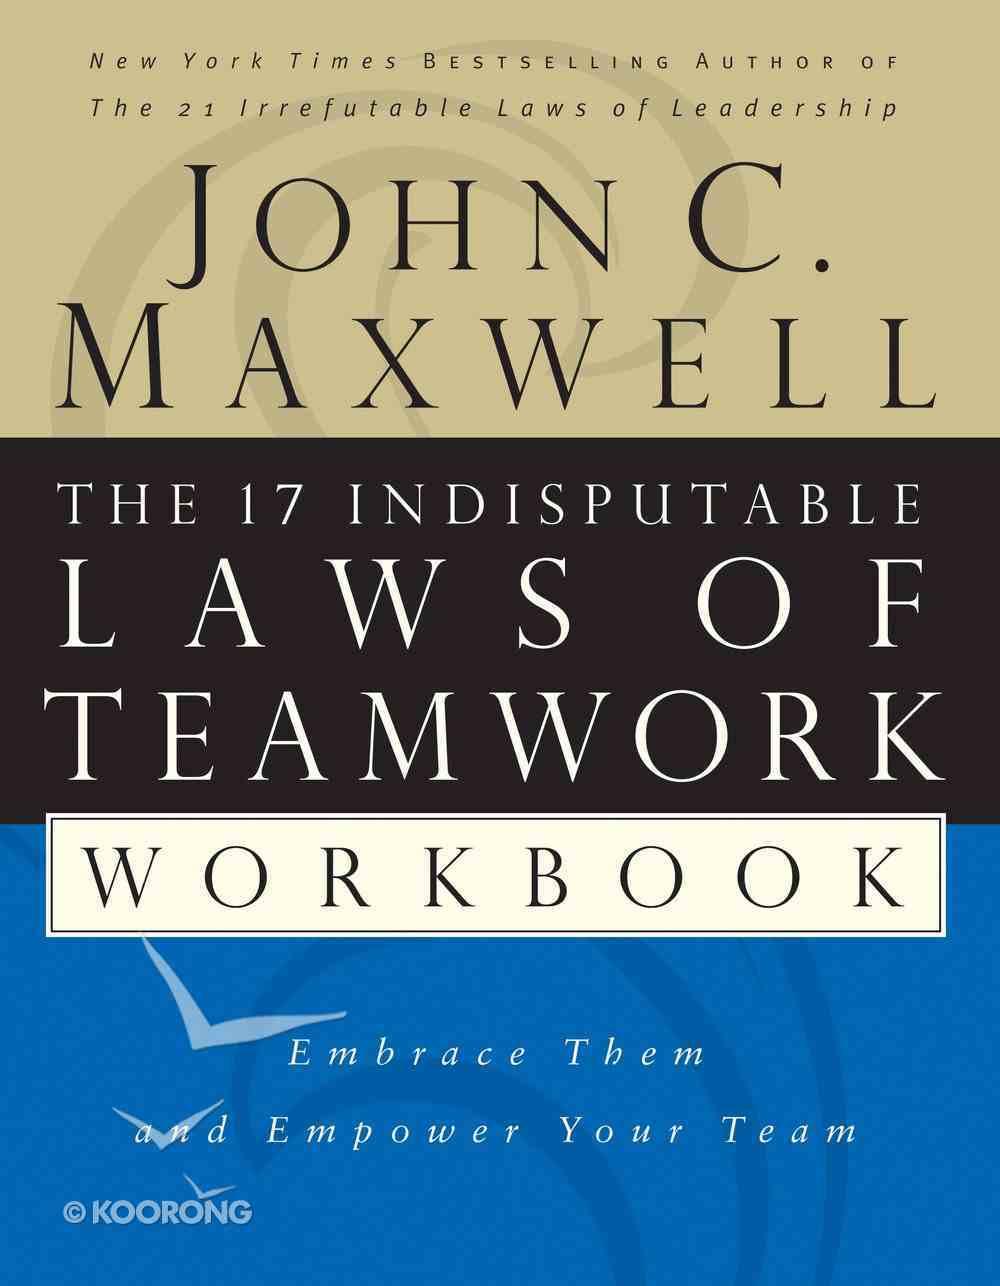 The 17 Indisputable Laws of Teamwork (Workbook) eBook